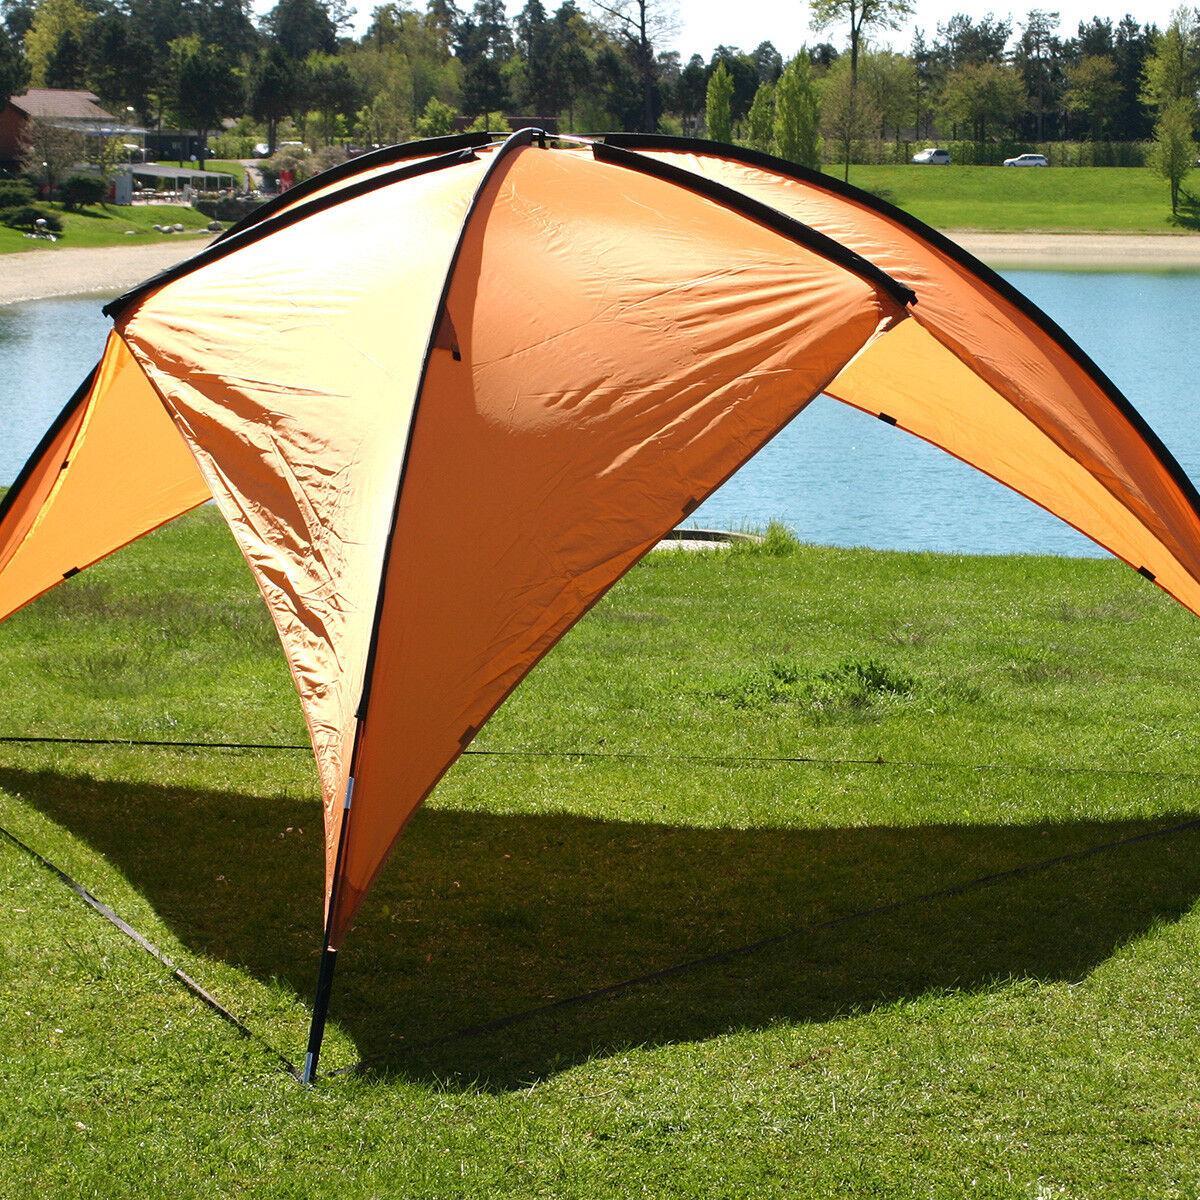 Monti's Malibu, Awning, Beach Tent, Gazebo, Triangle with 4,6m